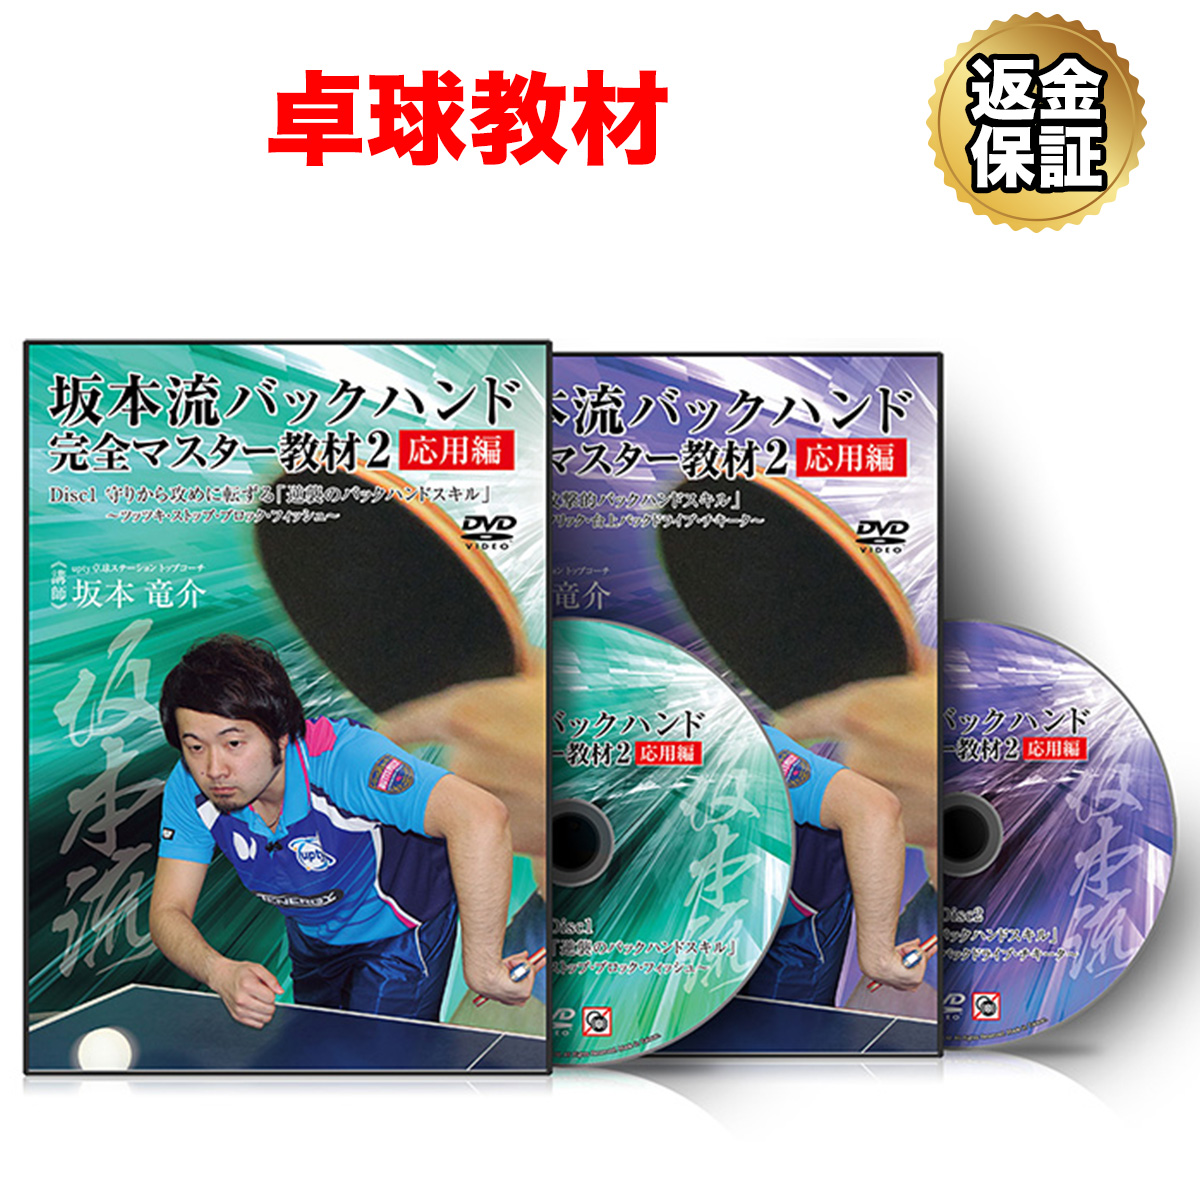 【卓球】坂本流バックハンド完全マスター教材2~応用編~